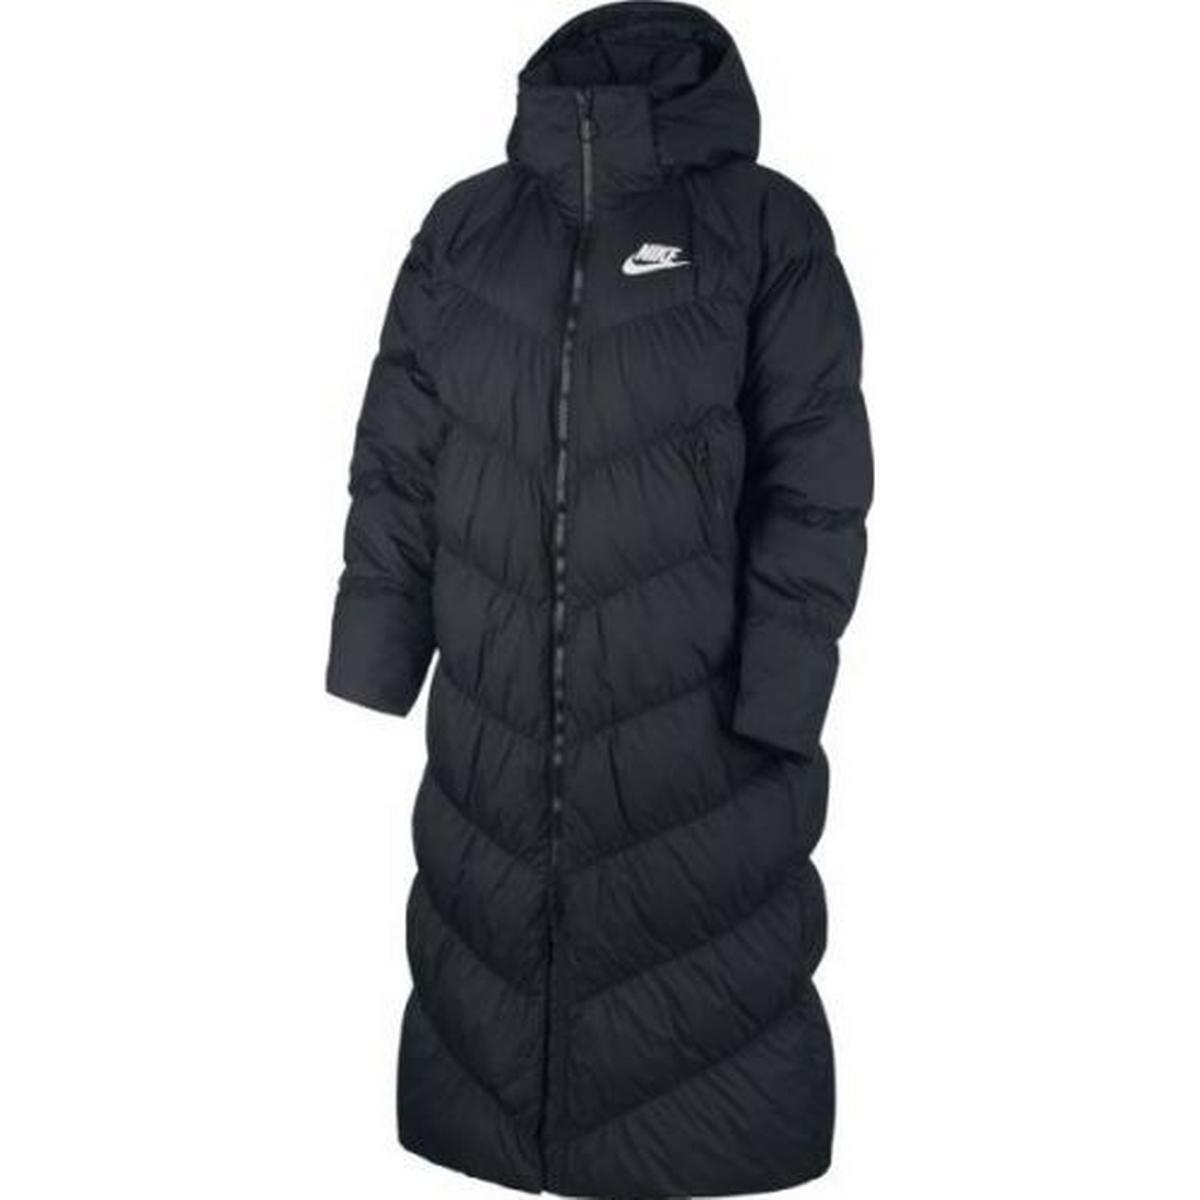 Nike jacka Damkläder Jämför priser på PriceRunner